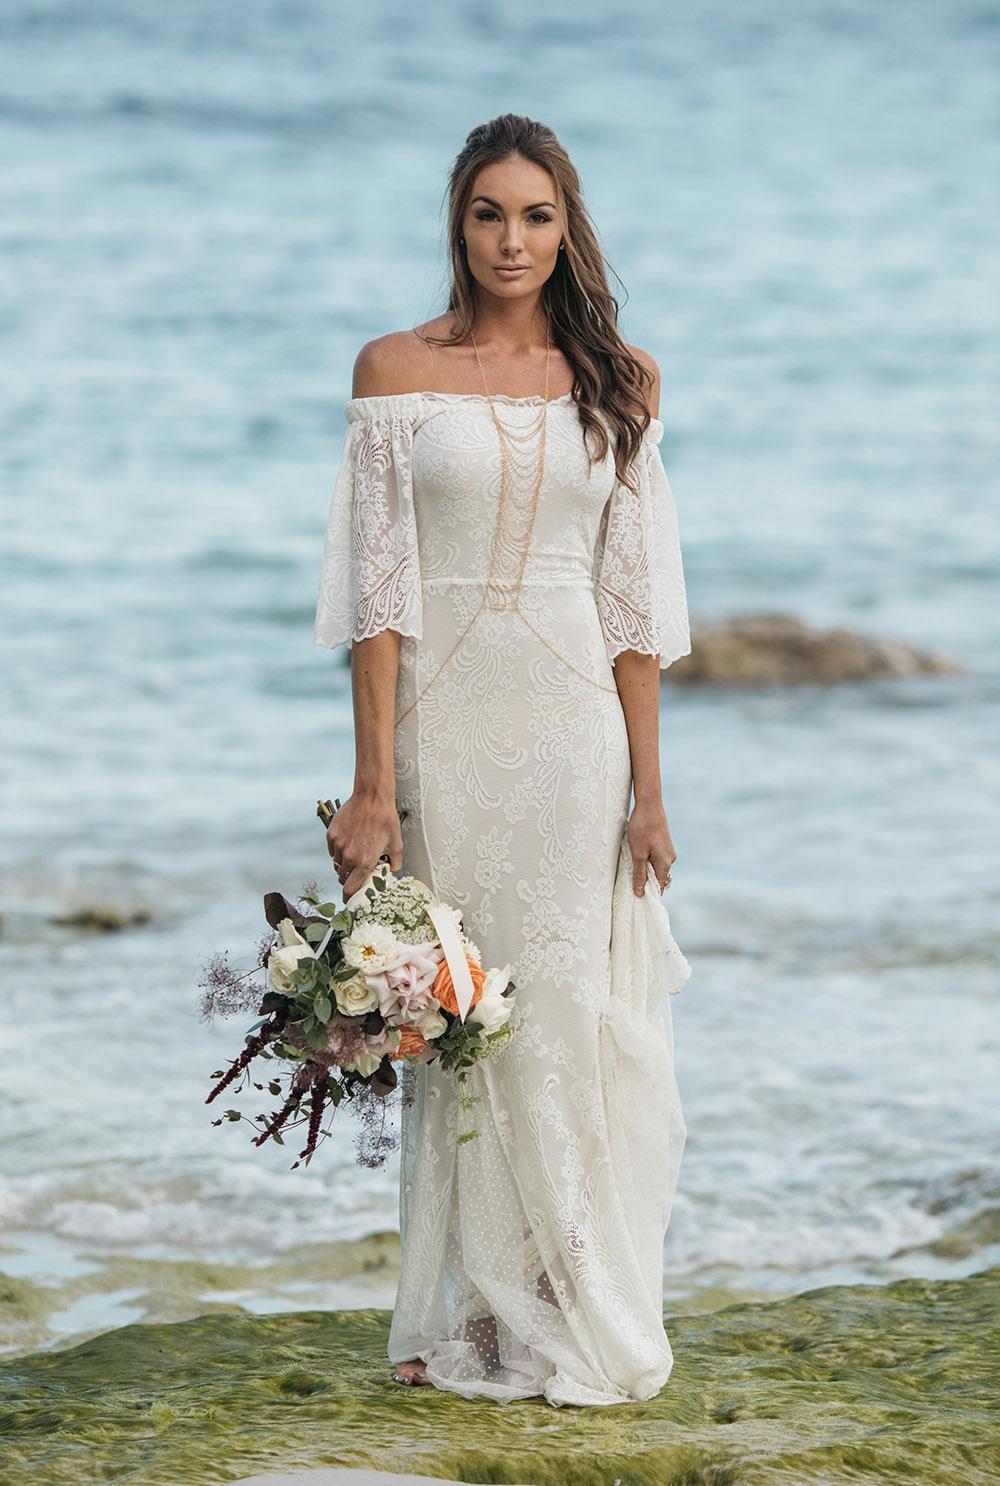 Wonderful Complementos Para Vestidos De Novia Images - Wedding Ideas ...